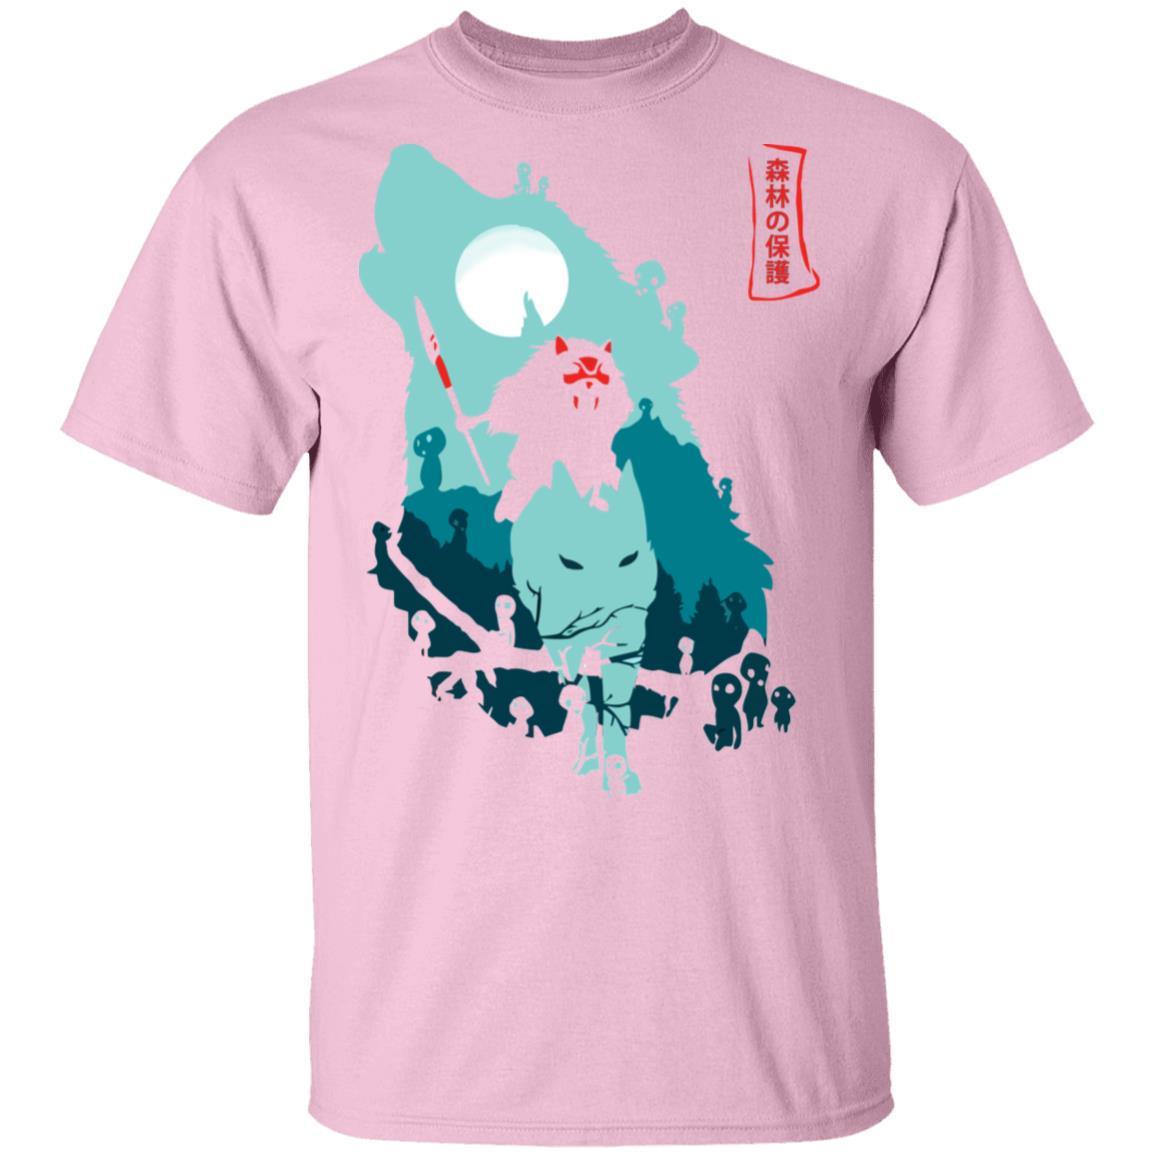 Princess Mononoke – Guardians of the Forest T Shirt Unisex